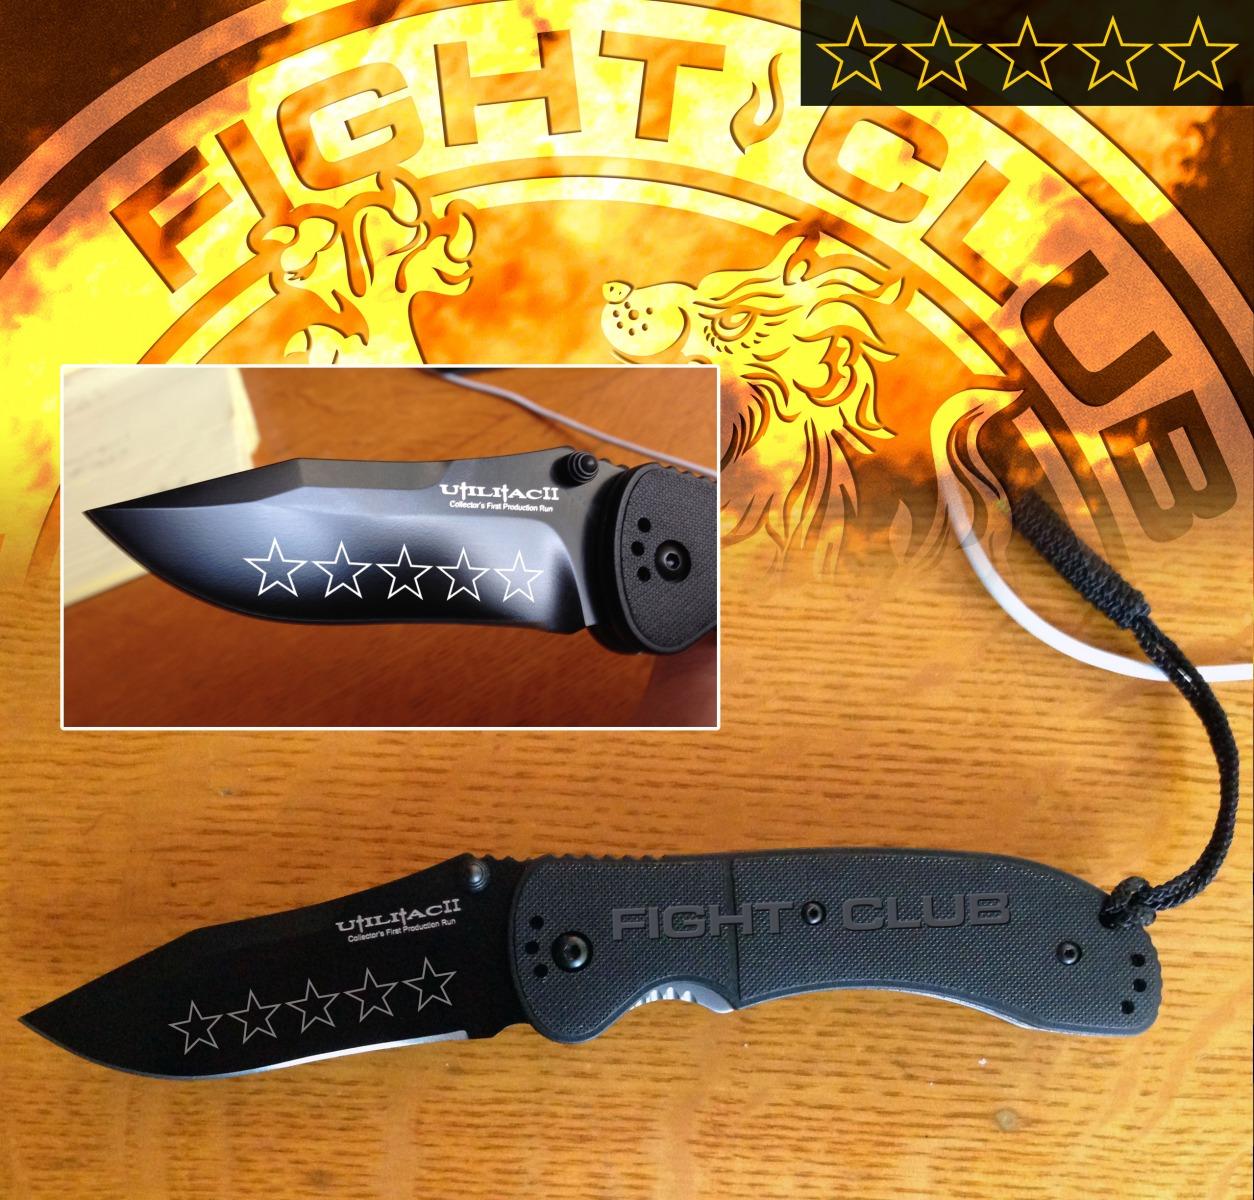 knife fight club tickets